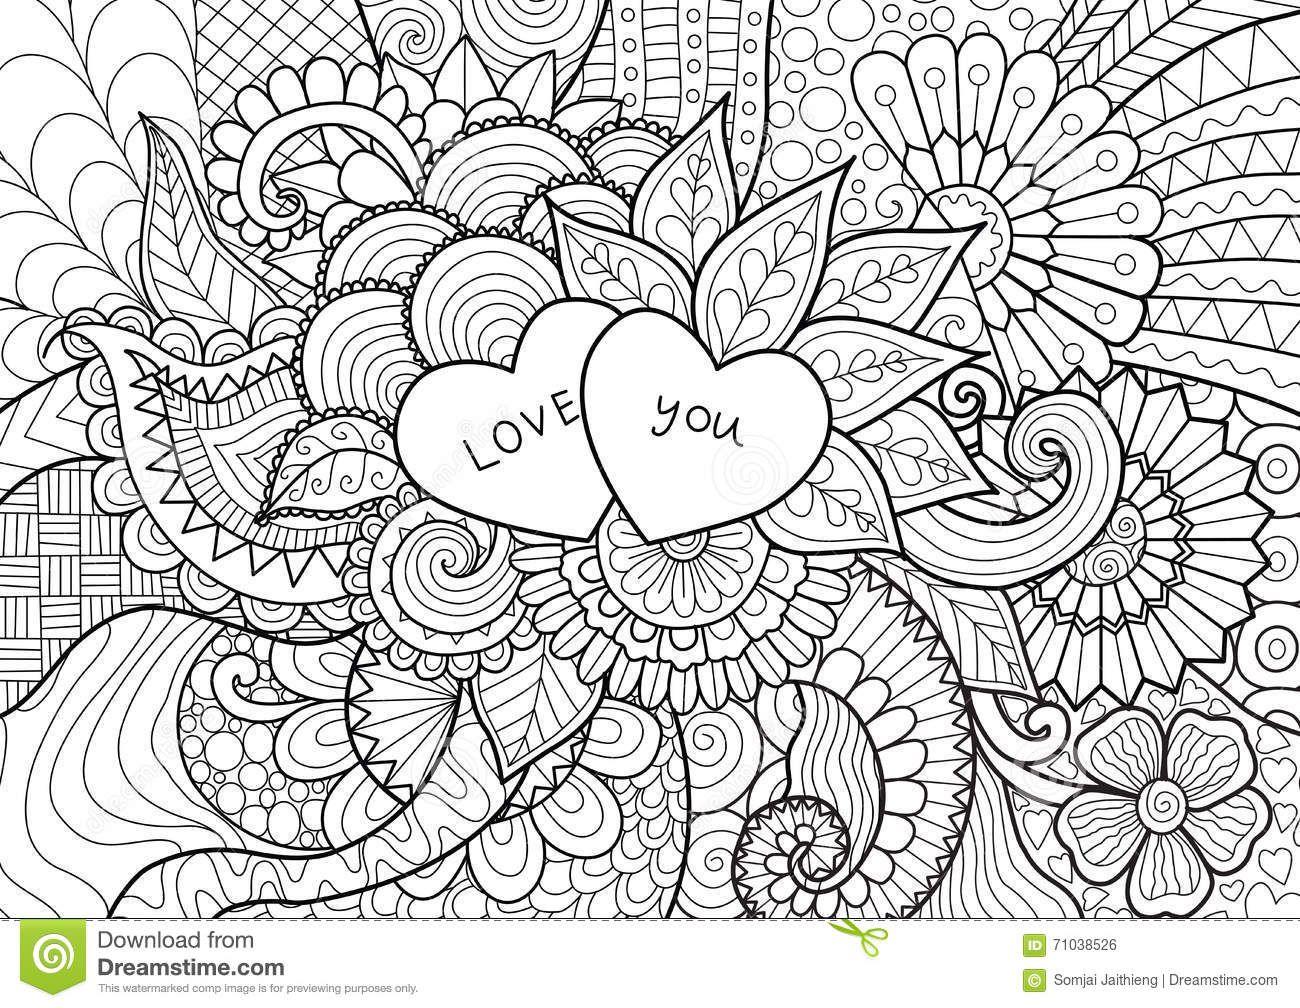 Dibujos De Corazones Coloridos: Dos Corazones Que Ponen En Las Flores Para El Libro De